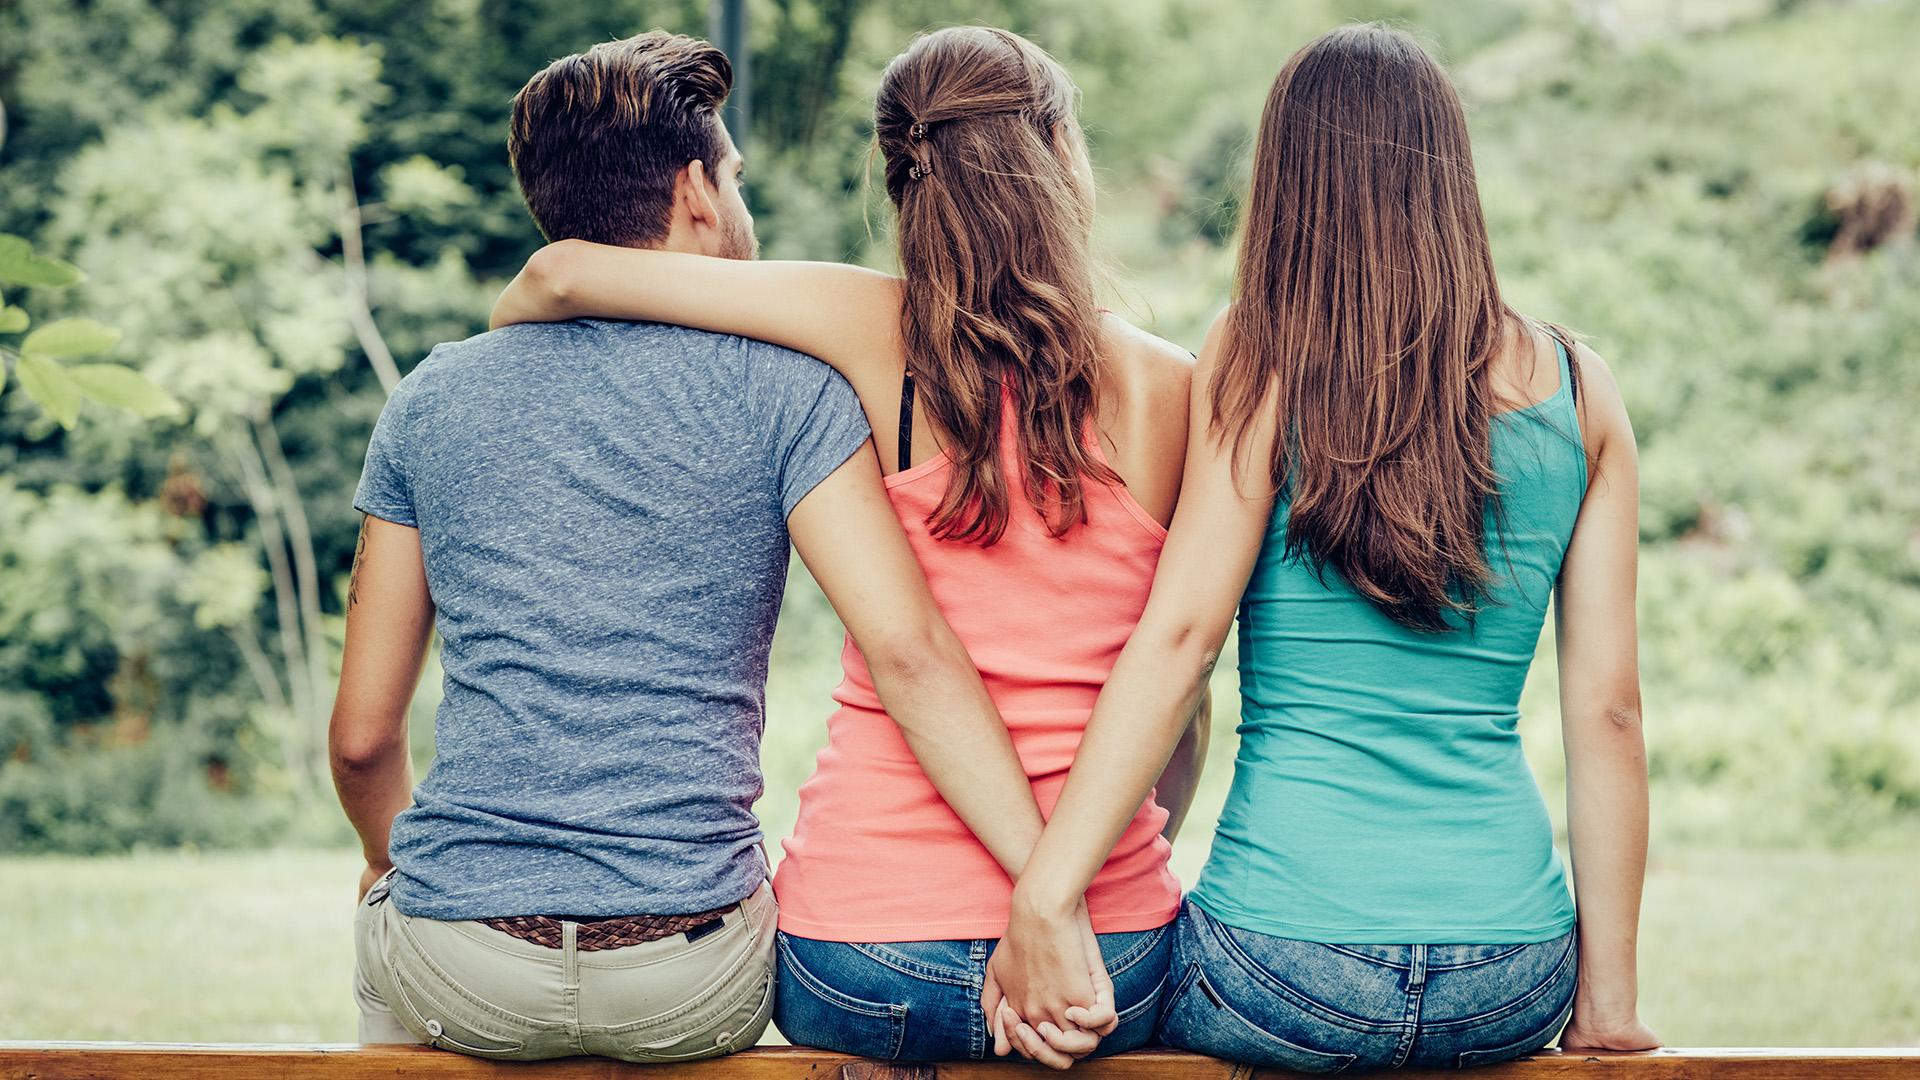 b. molnár márk dr. hevesi kriszta házasság hűtlenség kaland lelkiismeret őszinteség szexuálpszichológus válás